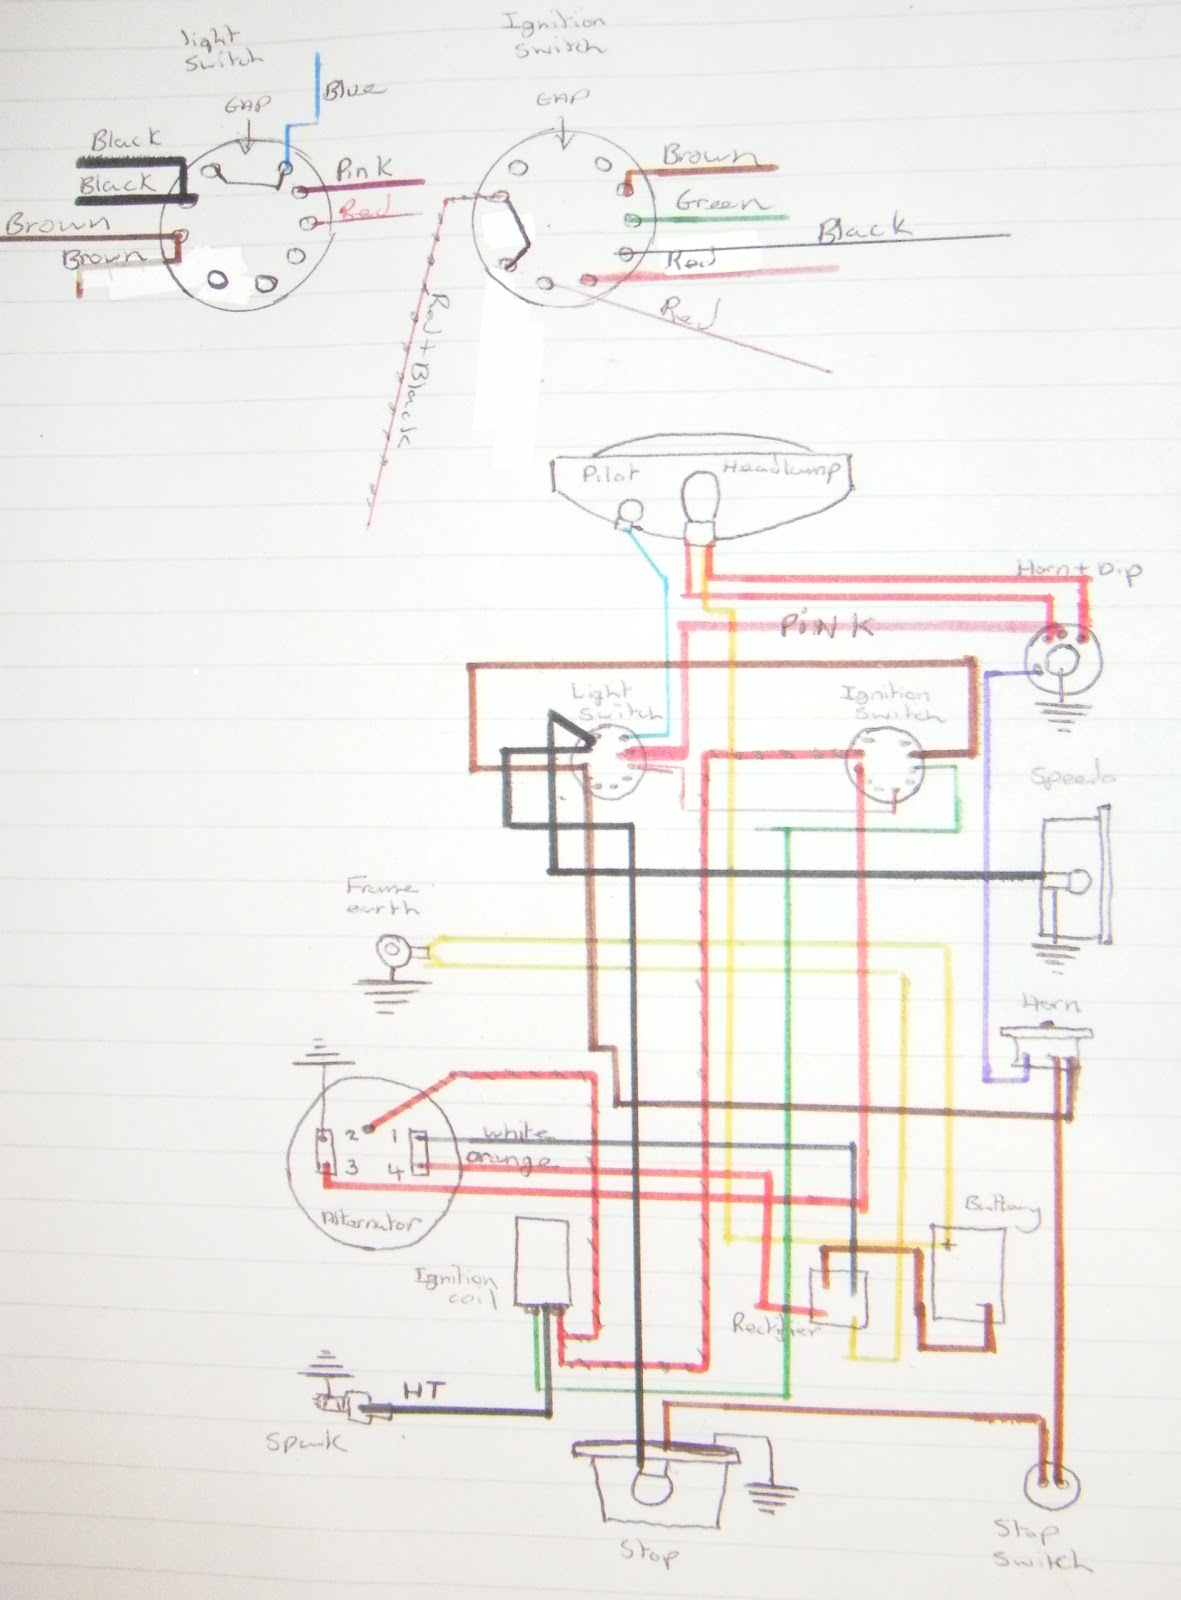 my bsa bantam d7 wiring diagram triumph chopper wiring diagram bsa wiring diagrams [ 1181 x 1600 Pixel ]